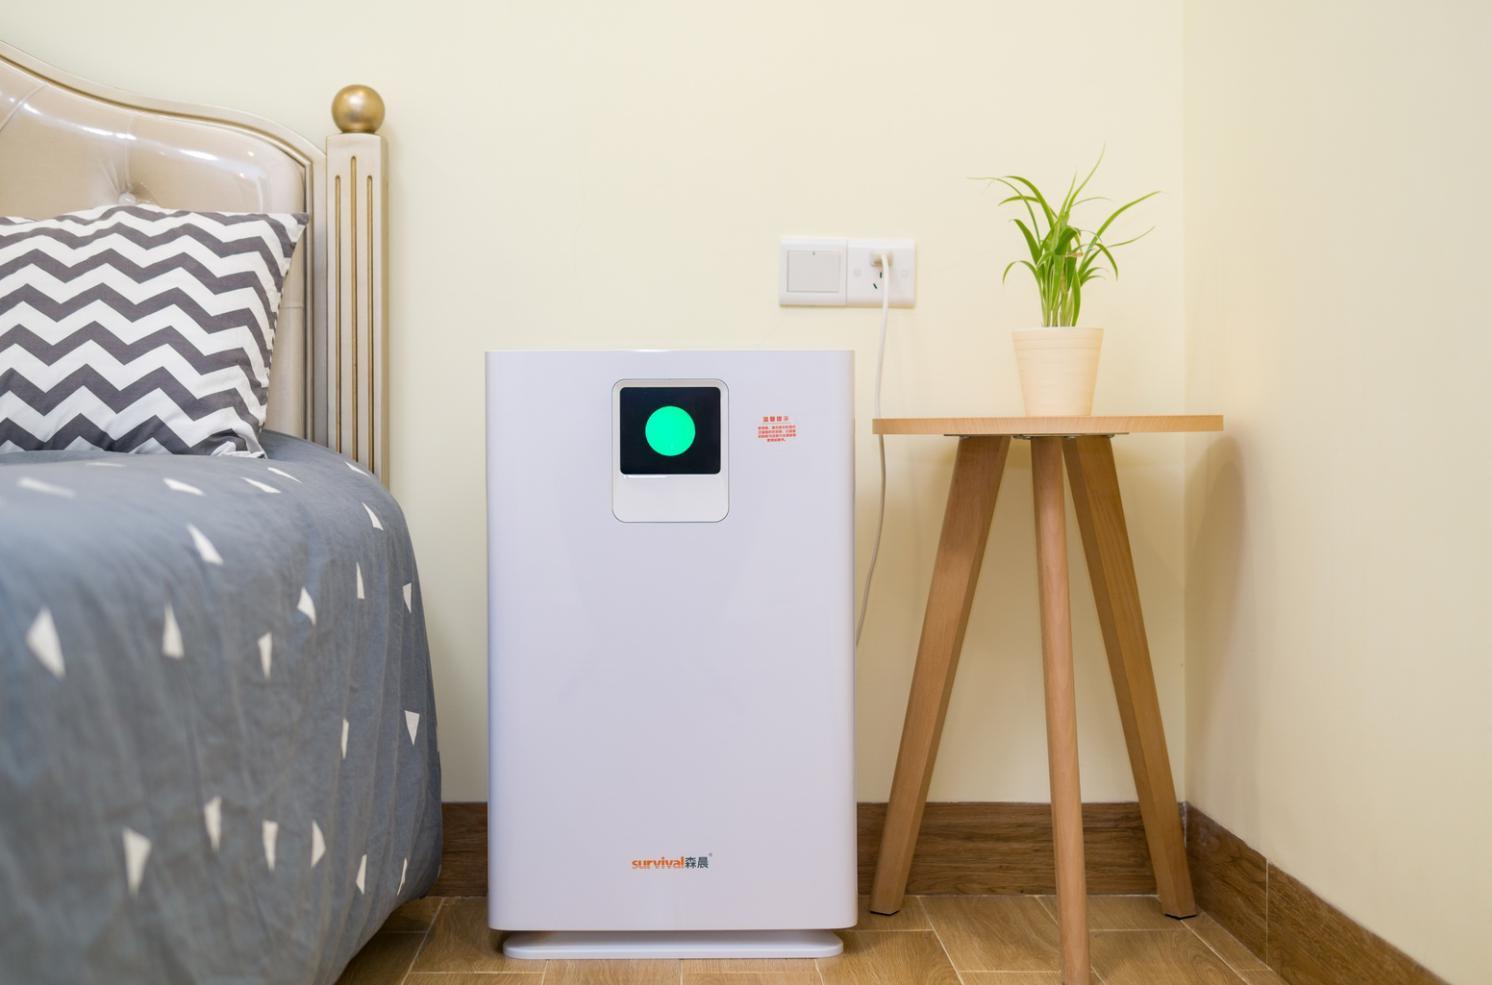 森晨MC9空气净化器,冬日家居除霾利器